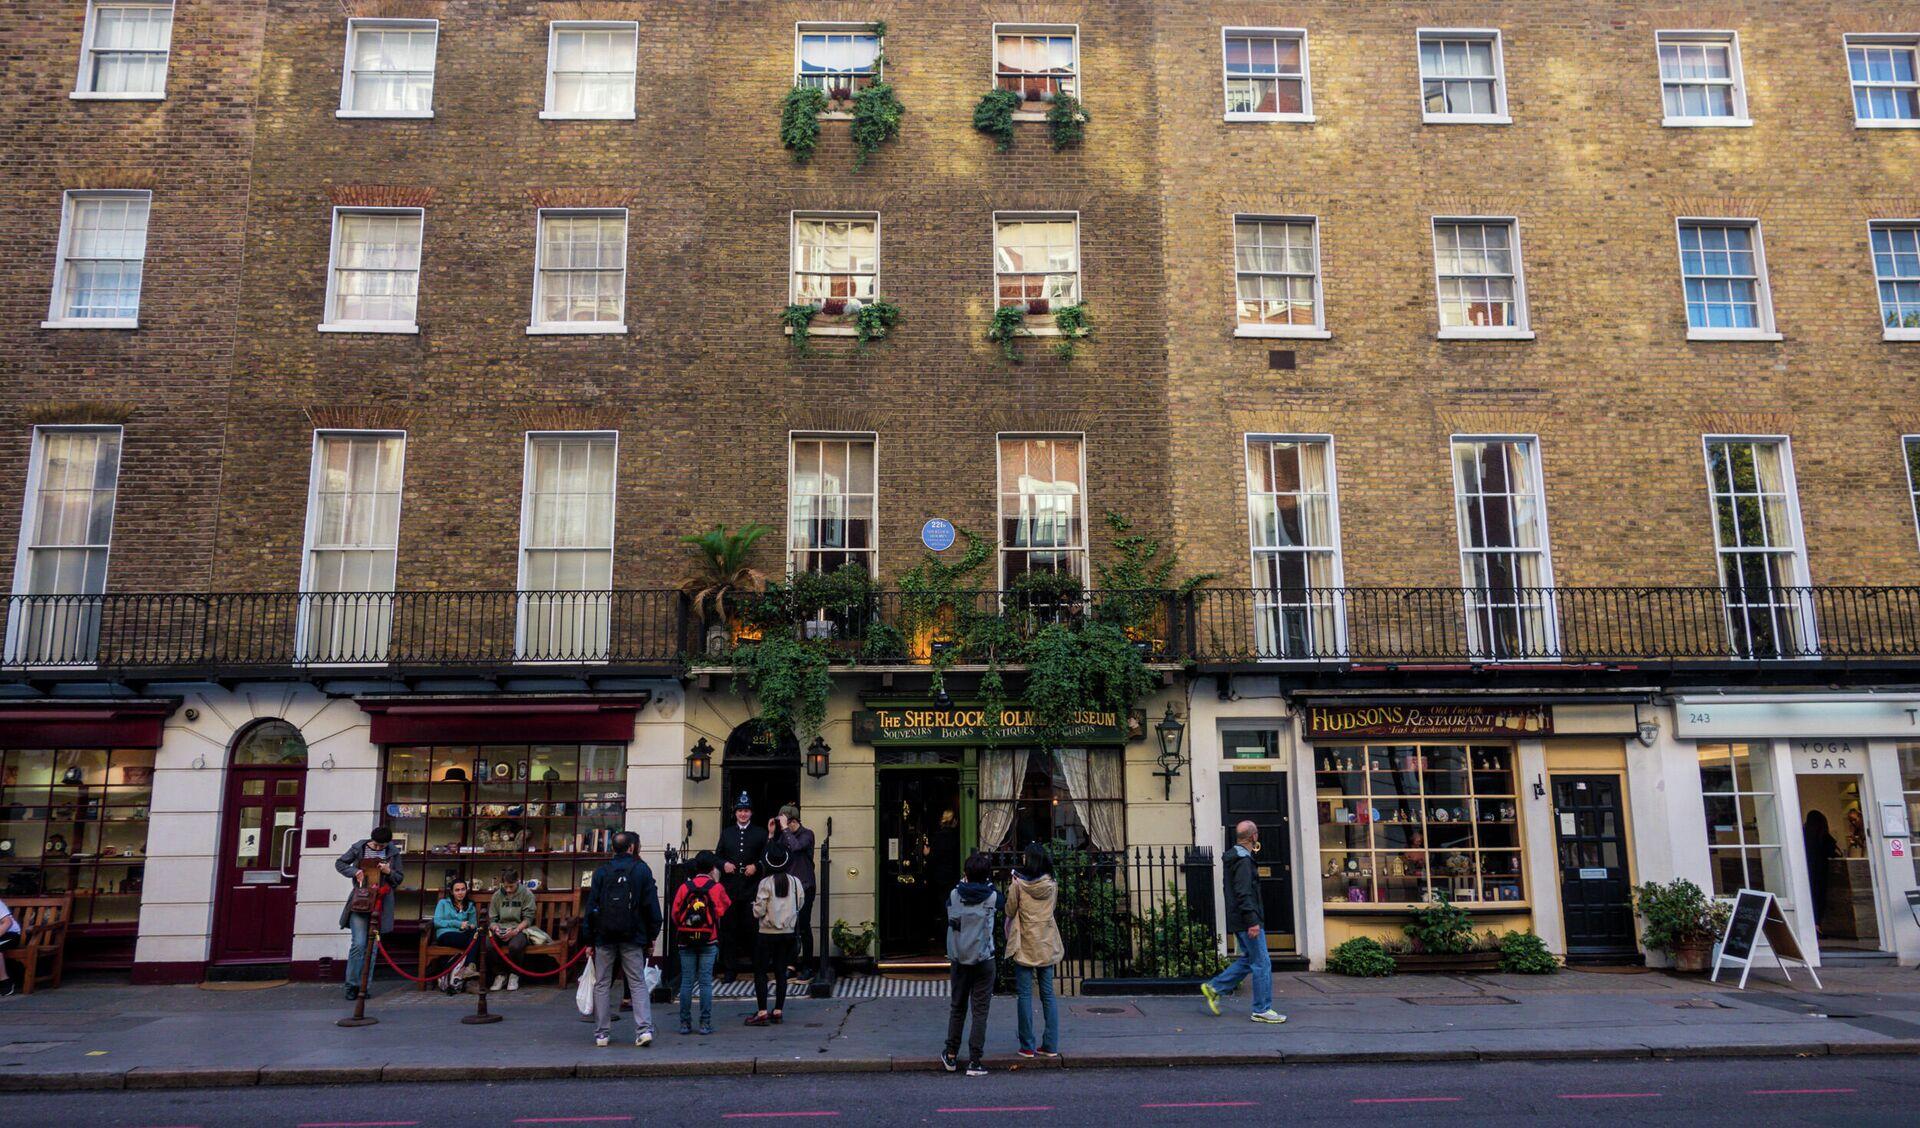 Дом на Бейкер стрит, в котором располагается музей Шерлока Холмса - ПРОФИ Новости, 1920, 04.10.2021